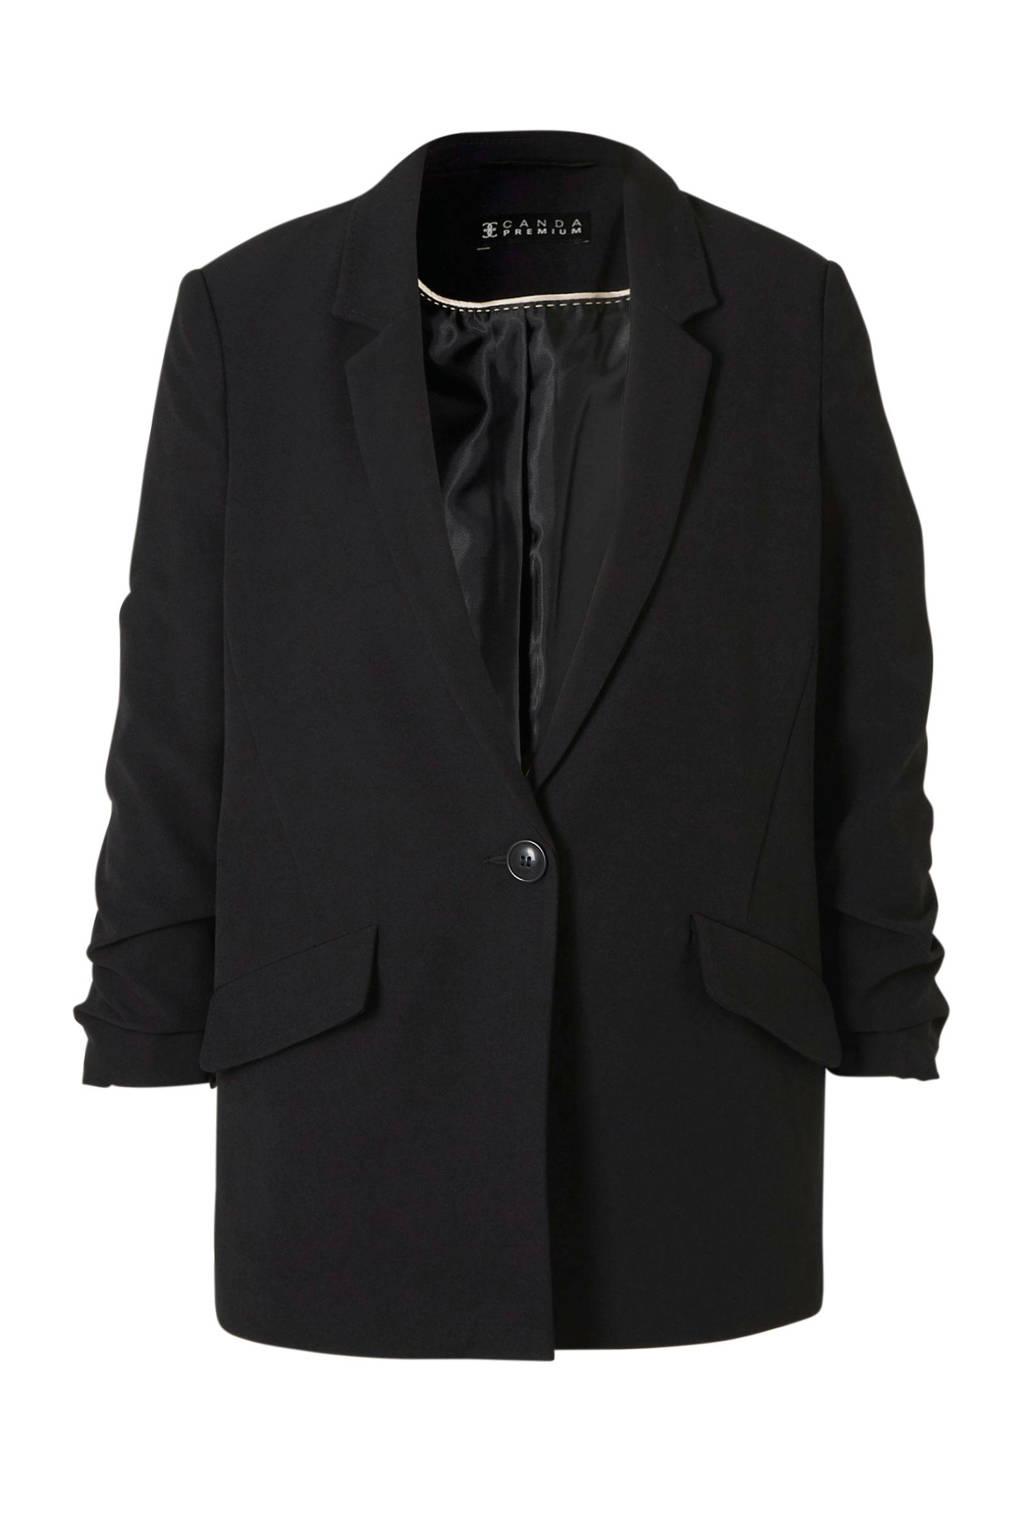 C&A blazer met plooien black28, Black28